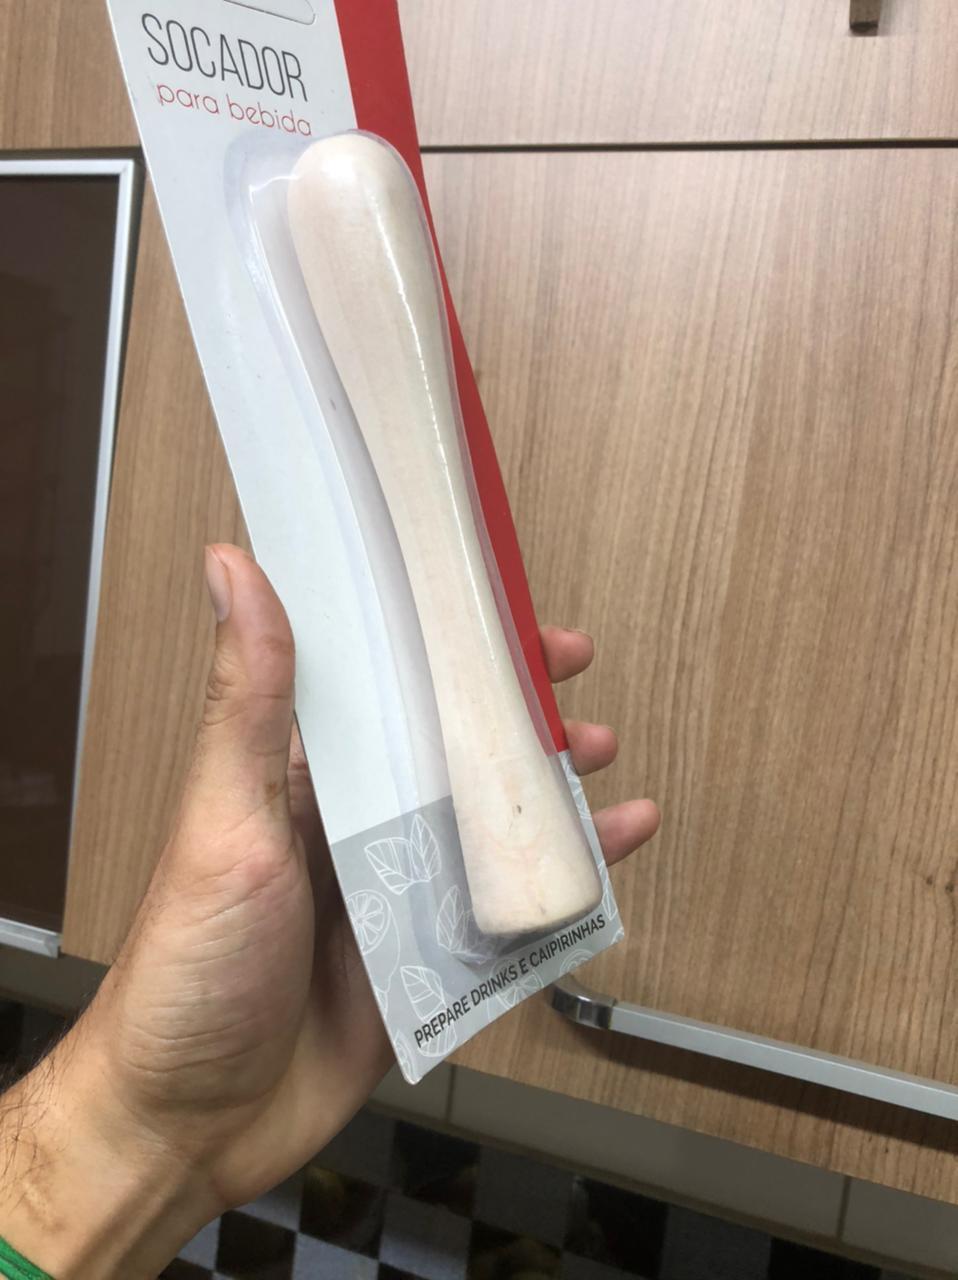 macerador socador de caipirinha madeira para drinks e cozinha pilão alho